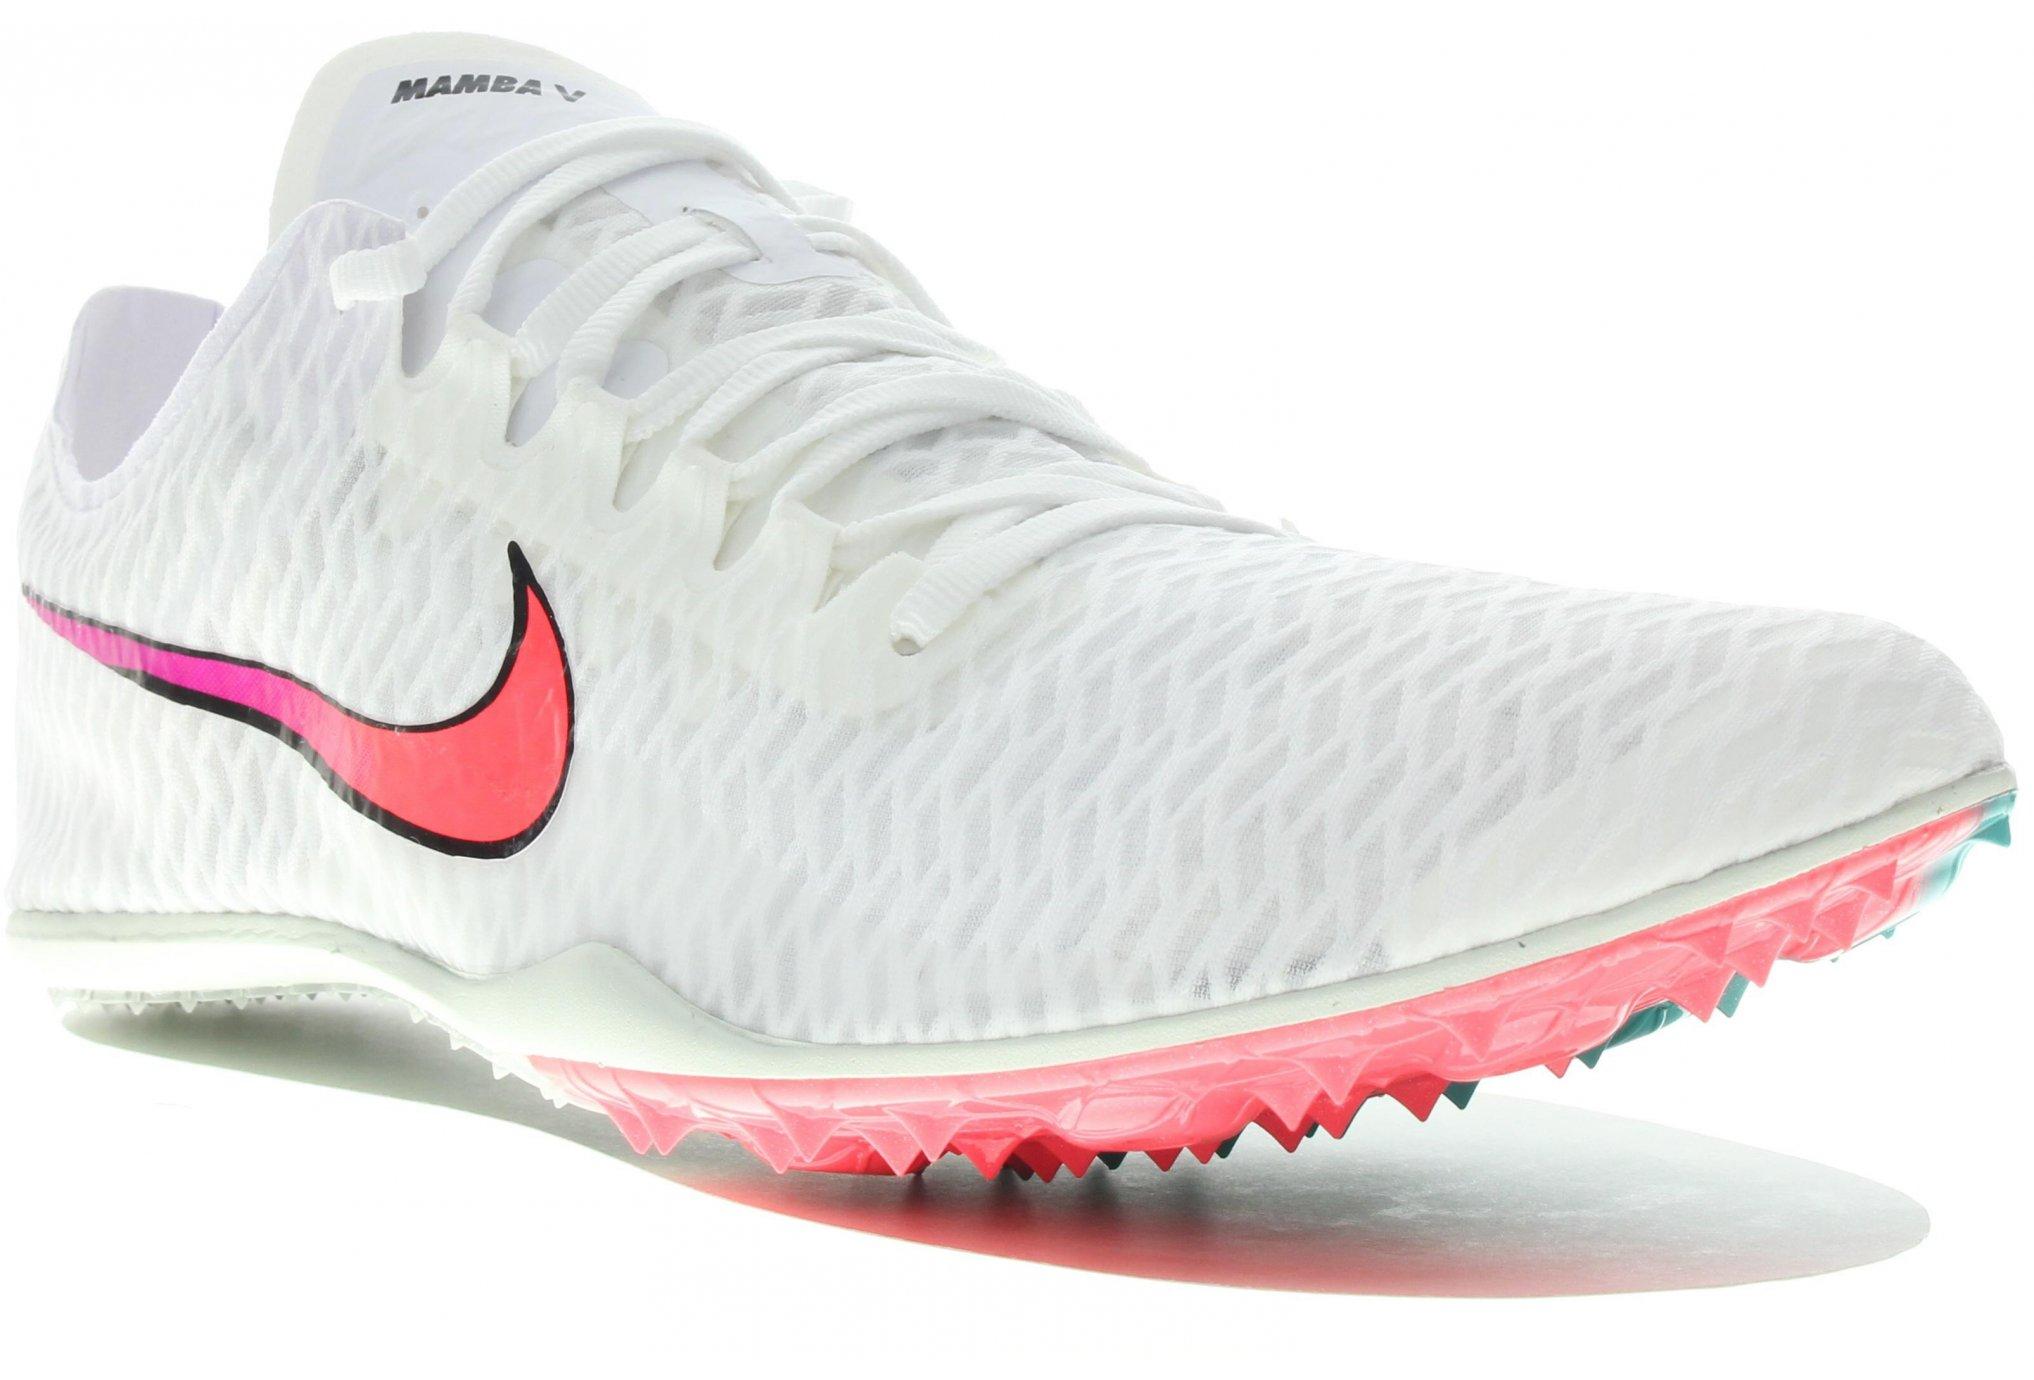 Nike Zoom Mamba 5 M Diététique Chaussures homme